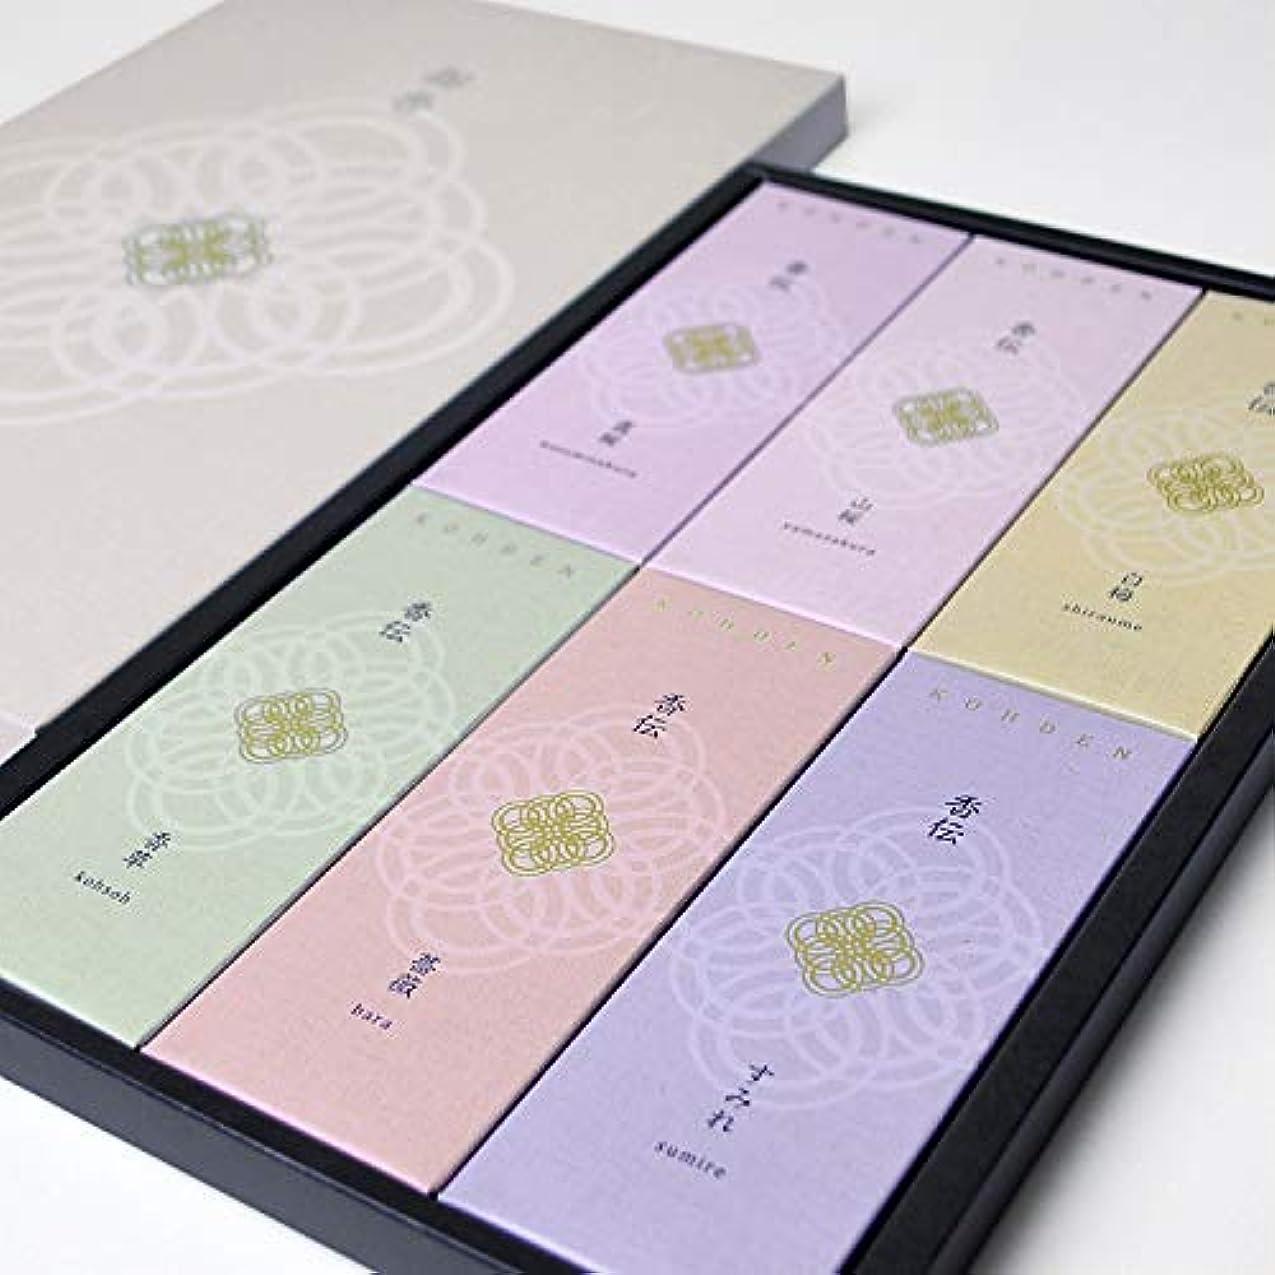 料理立法量(ポストに投函できる進物用)日本香堂 香伝 花の香り 線香6種類 1セット